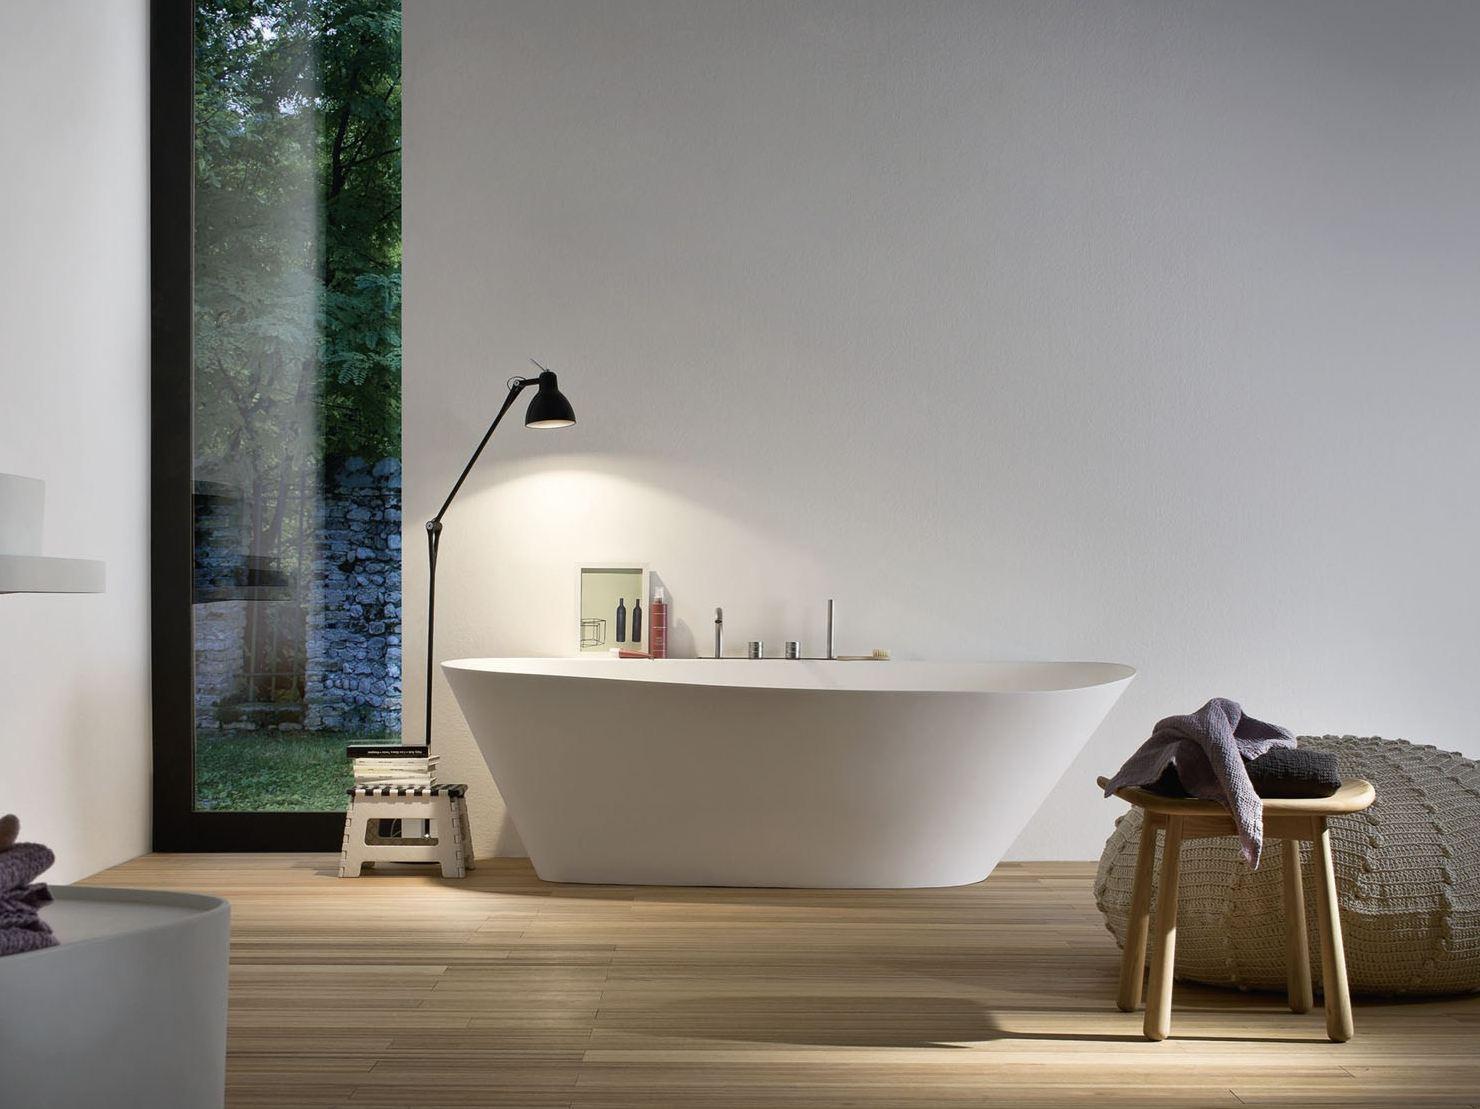 Vasca Da Bagno In Francese : Vasca da bagno francese. cheap vasca da bagno francese vasca da